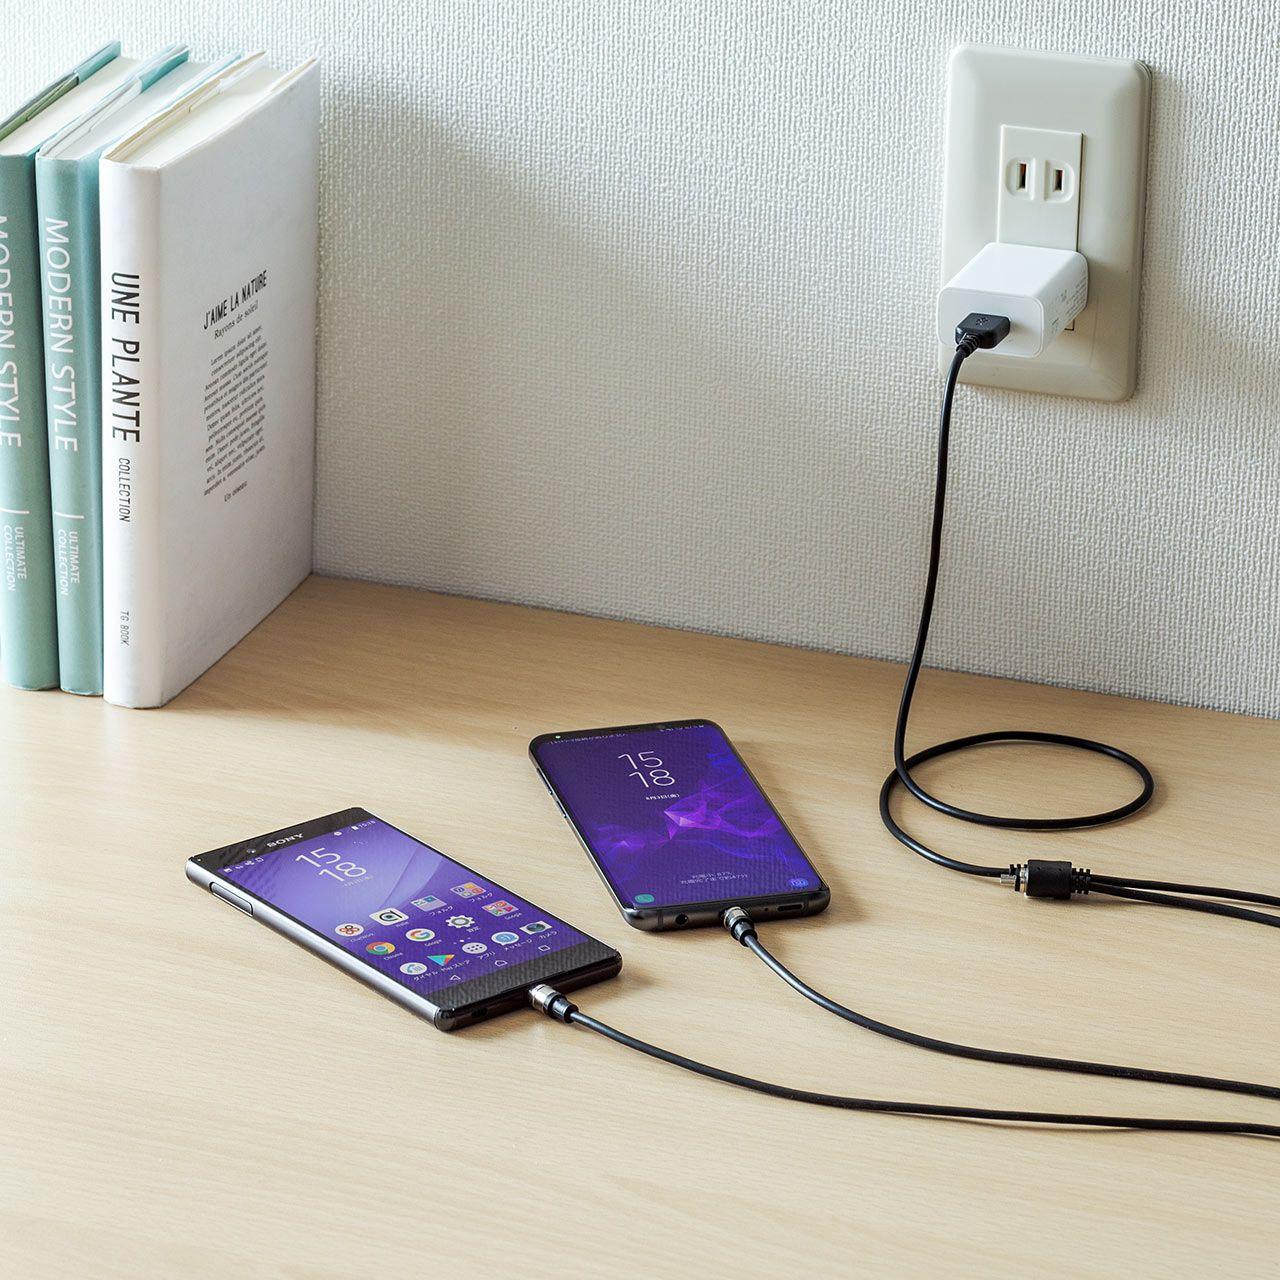 マグネット着脱式マイクロusb Usb Type C充電専用ケーブル 二股ケーブル 2台同時充電 スマートフォン 2a対応 ケーブル長1 5m ブラック 500 Usb065の販売商品 通販ならサンワダイレクト マグネット スマートフォン ケーブル